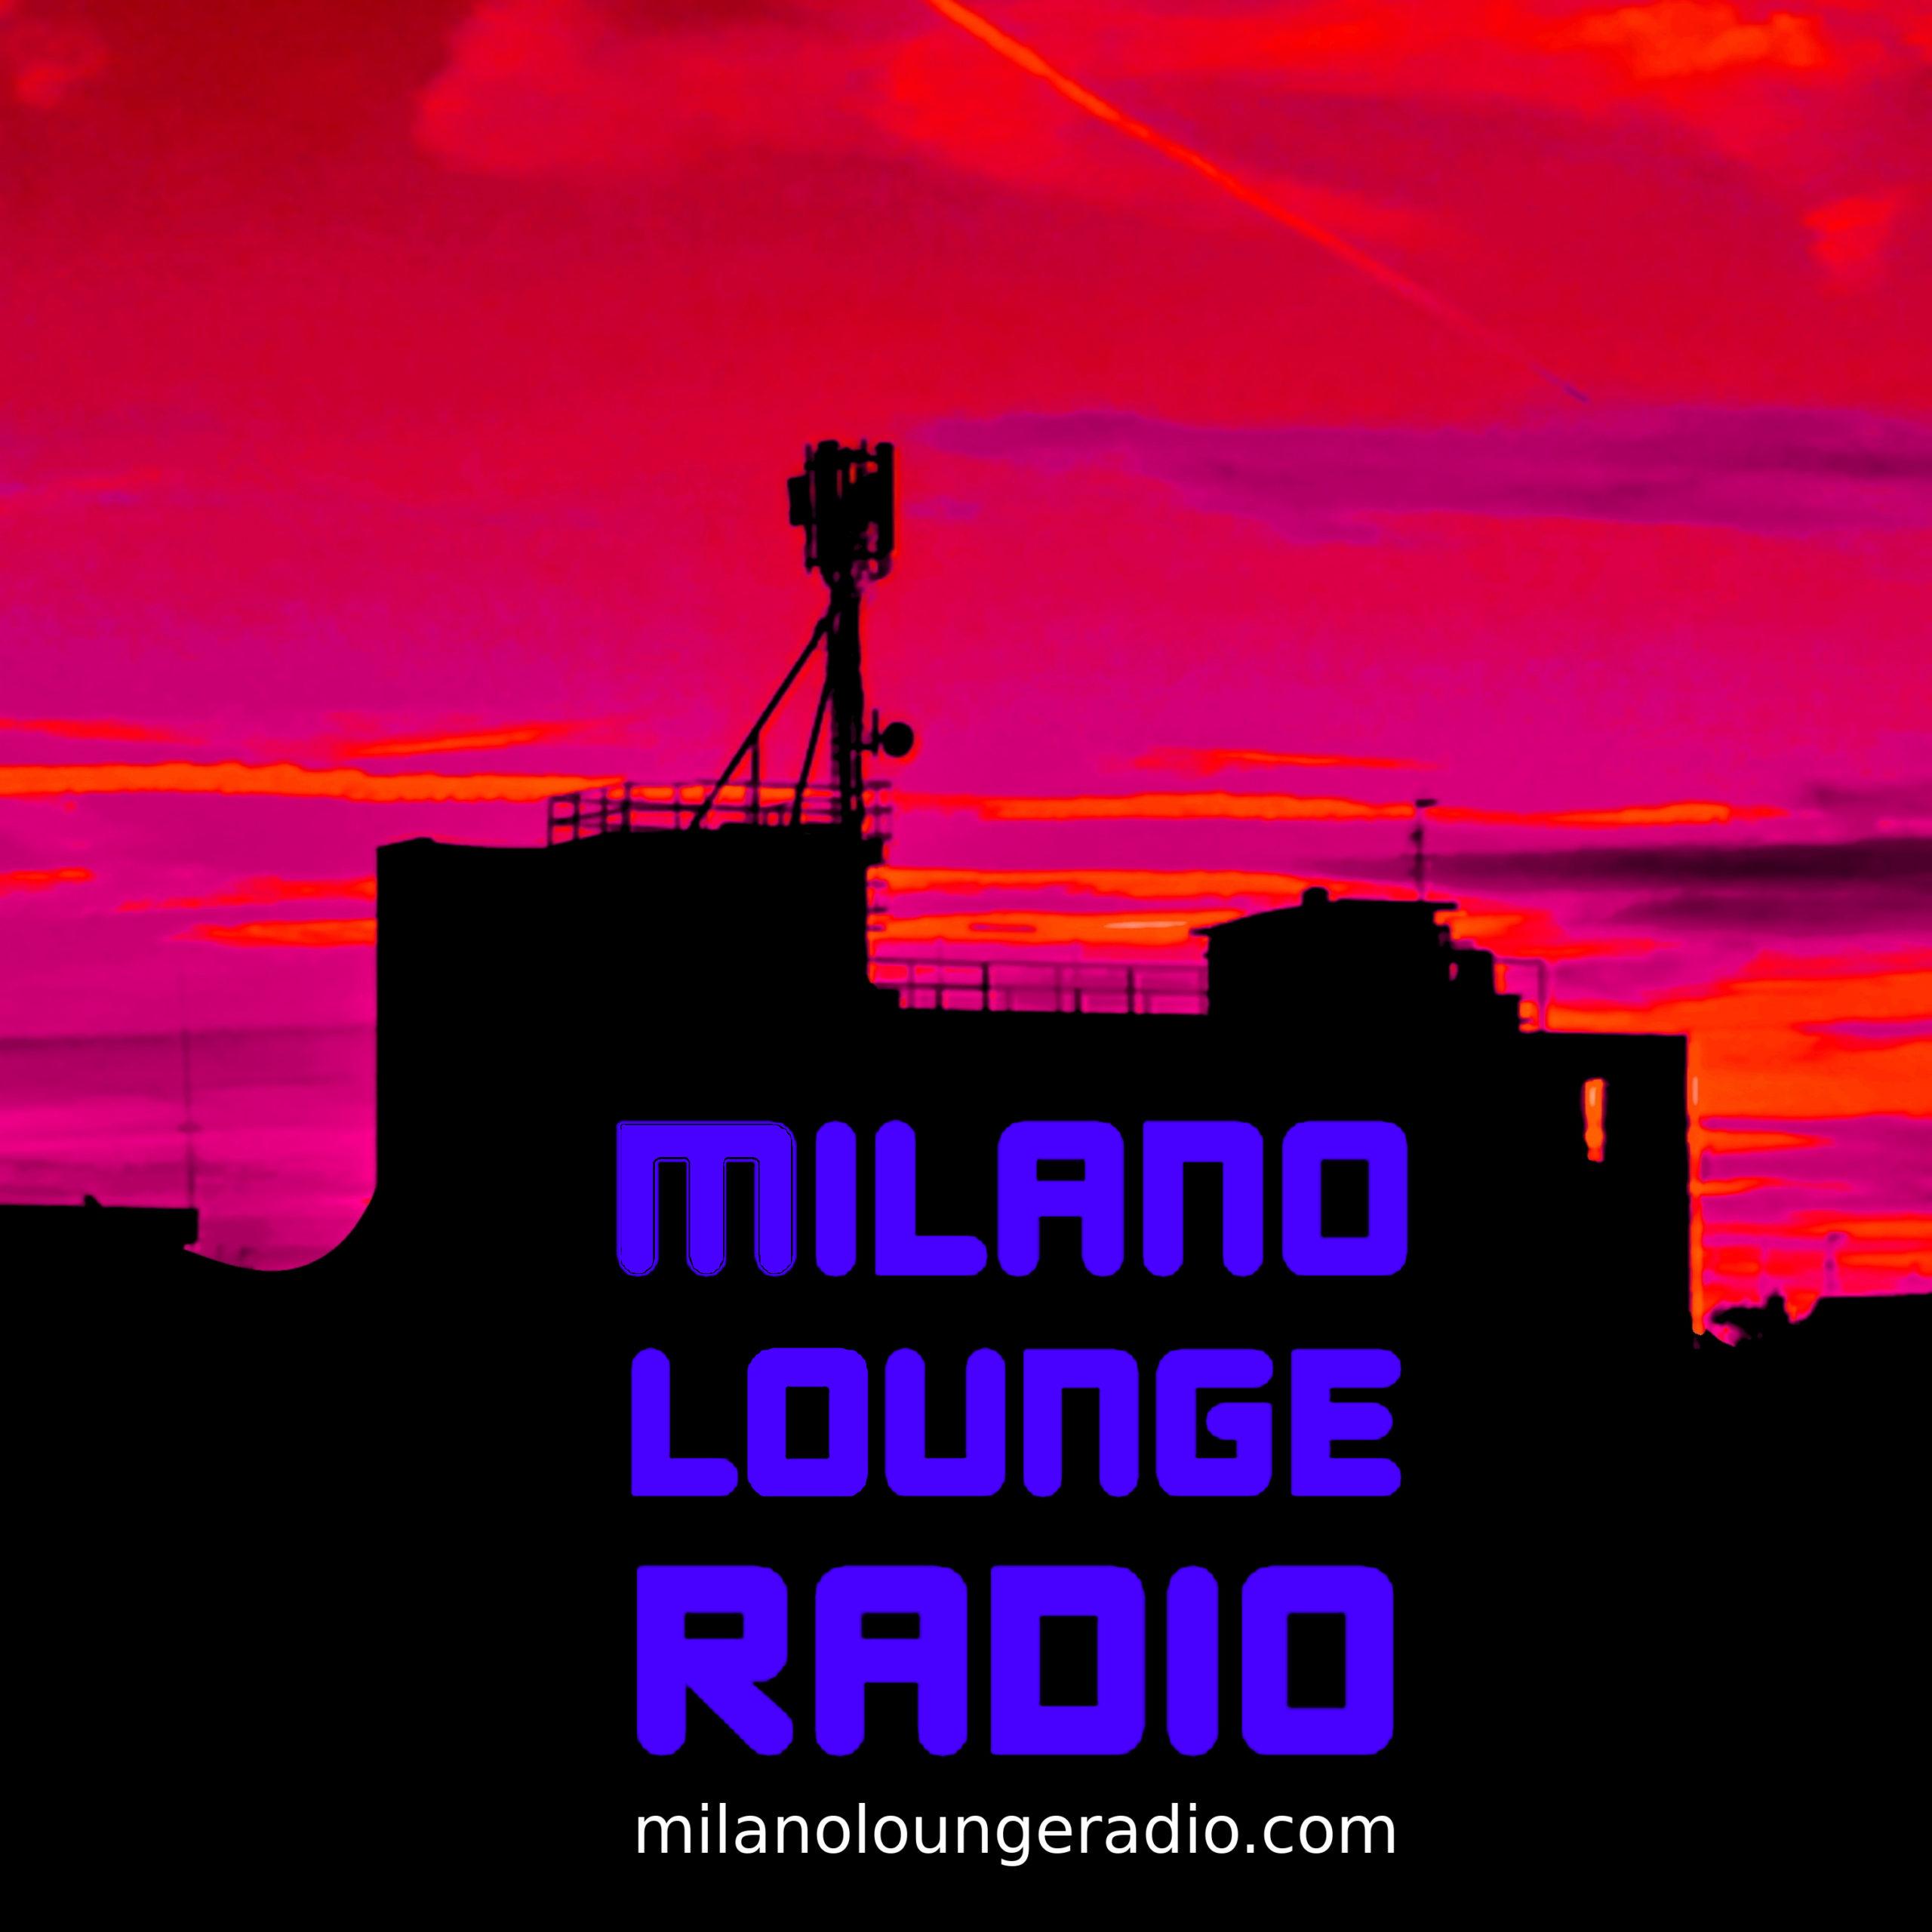 Milano Lounge è la radio giusta per affrontare lo stress del lockdown da Coronavirus